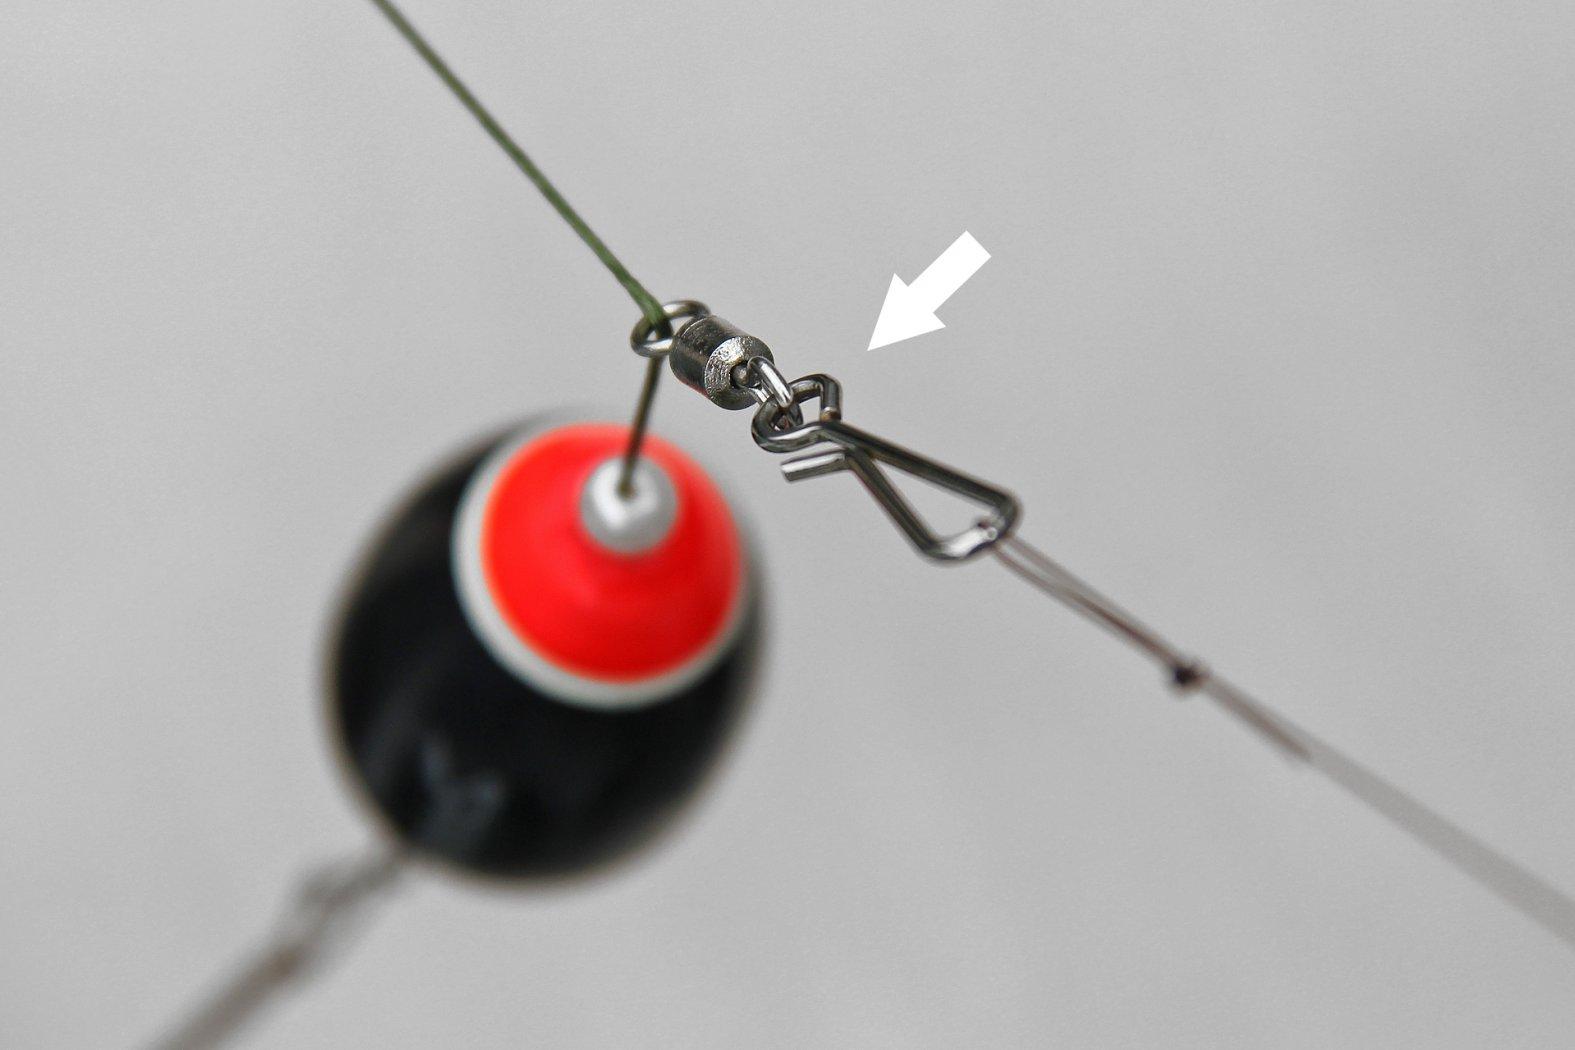 Welsangeln - Reißleinenverbindung mit Easy Clip